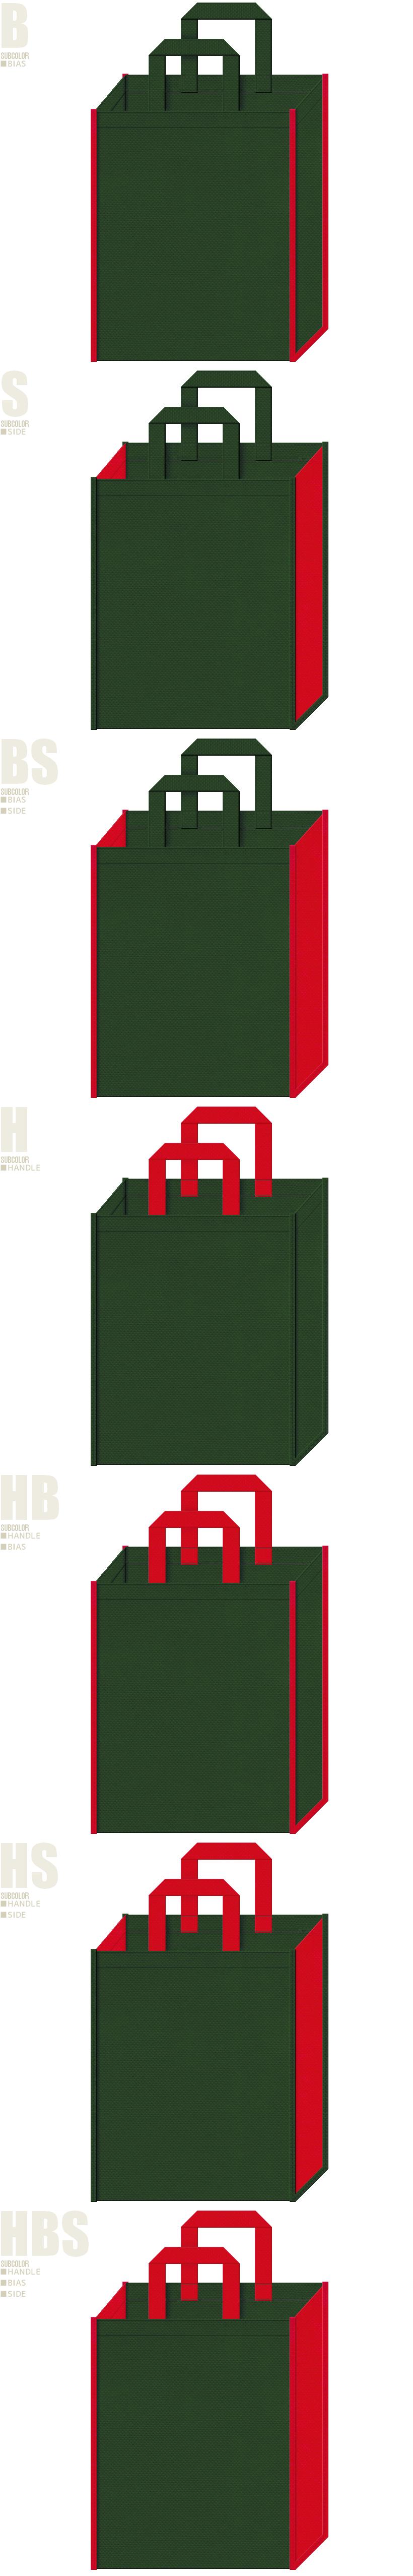 クリスマス・バーナー・キャンプ・アウトドア用品の展示会用バッグにお奨めの不織布バッグデザイン:濃緑色と紅色の不織布バッグ配色7パターン。